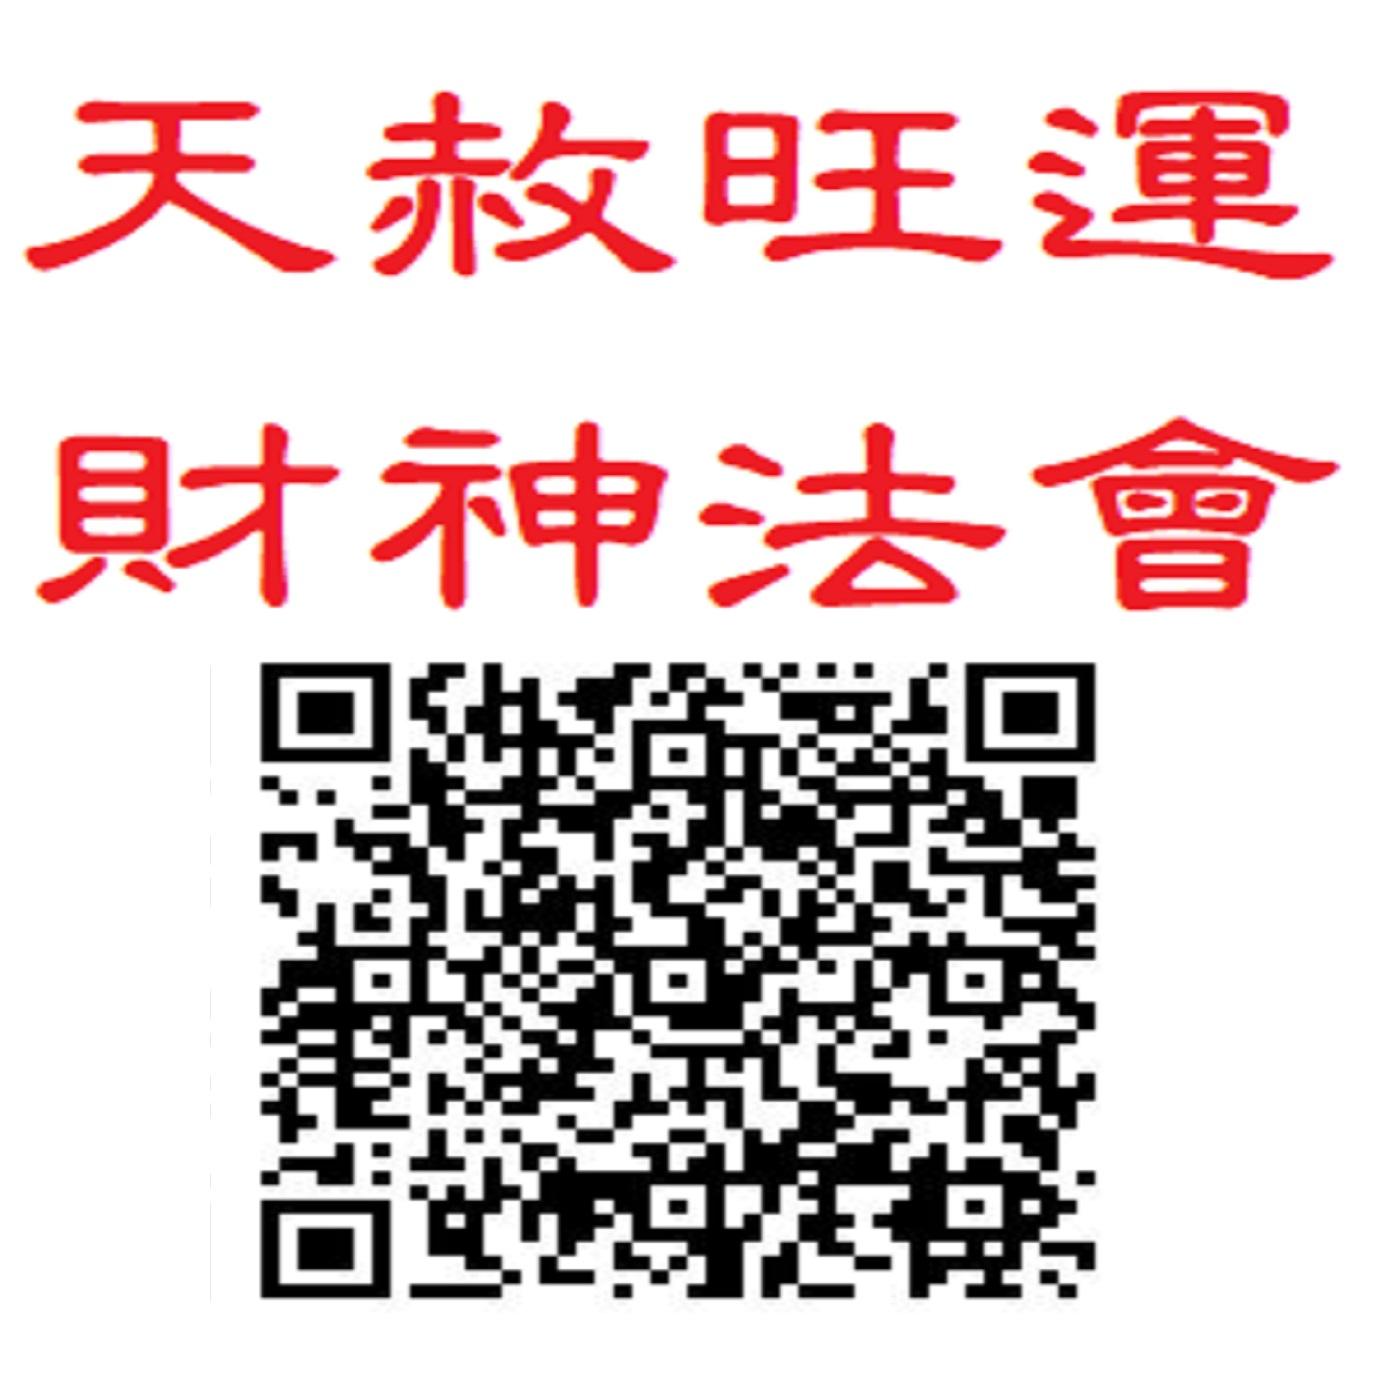 03/30(二)初十八 阿明師兄報好運 (旺運財神法會最後倒數)